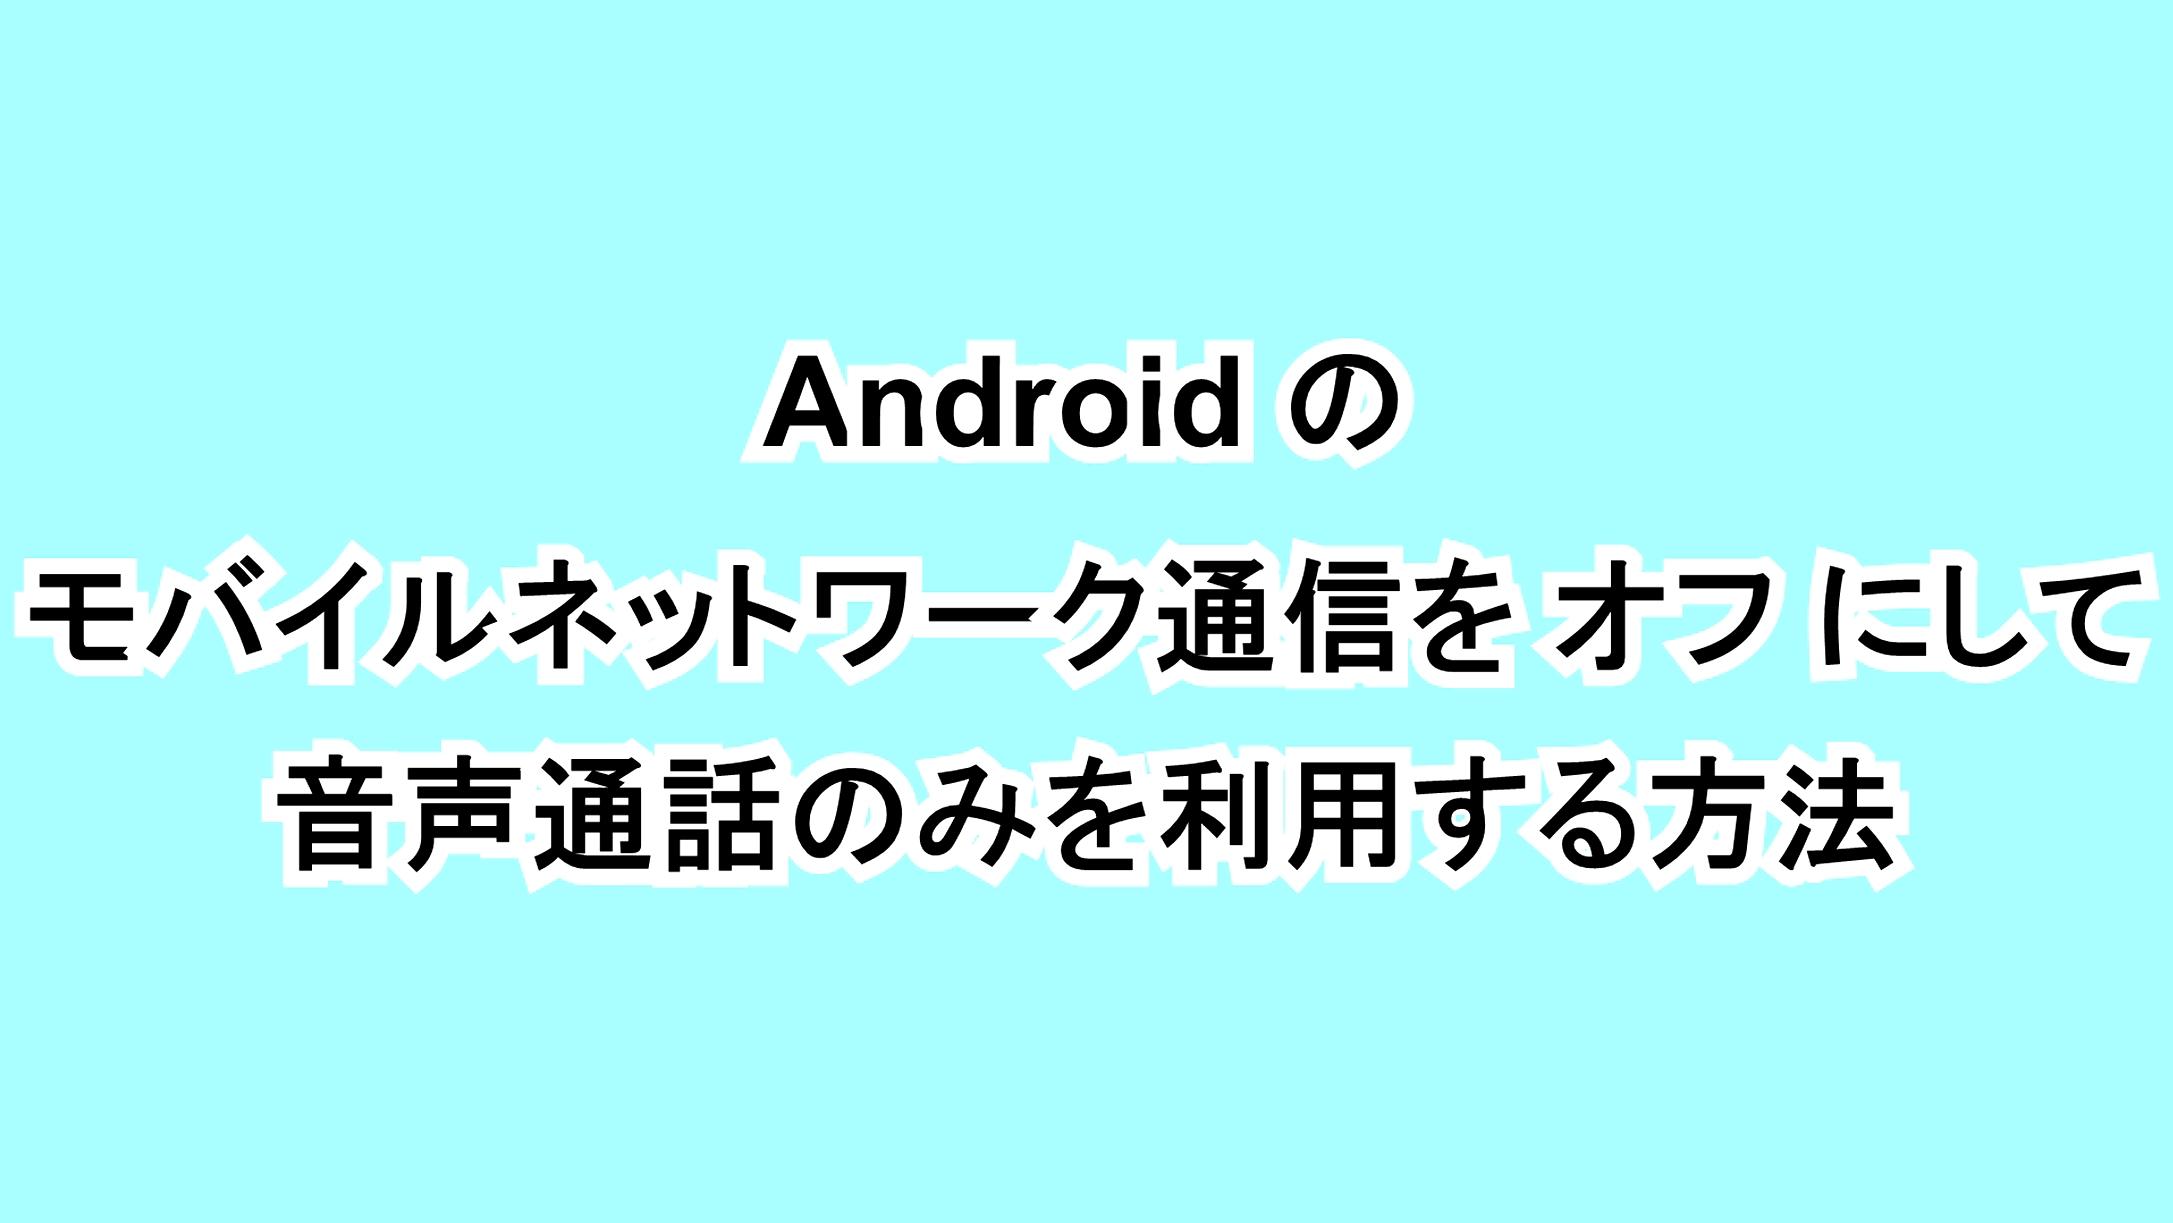 Androidのモバイルネットワーク通信をオフにして音声通話のみを利用する方法